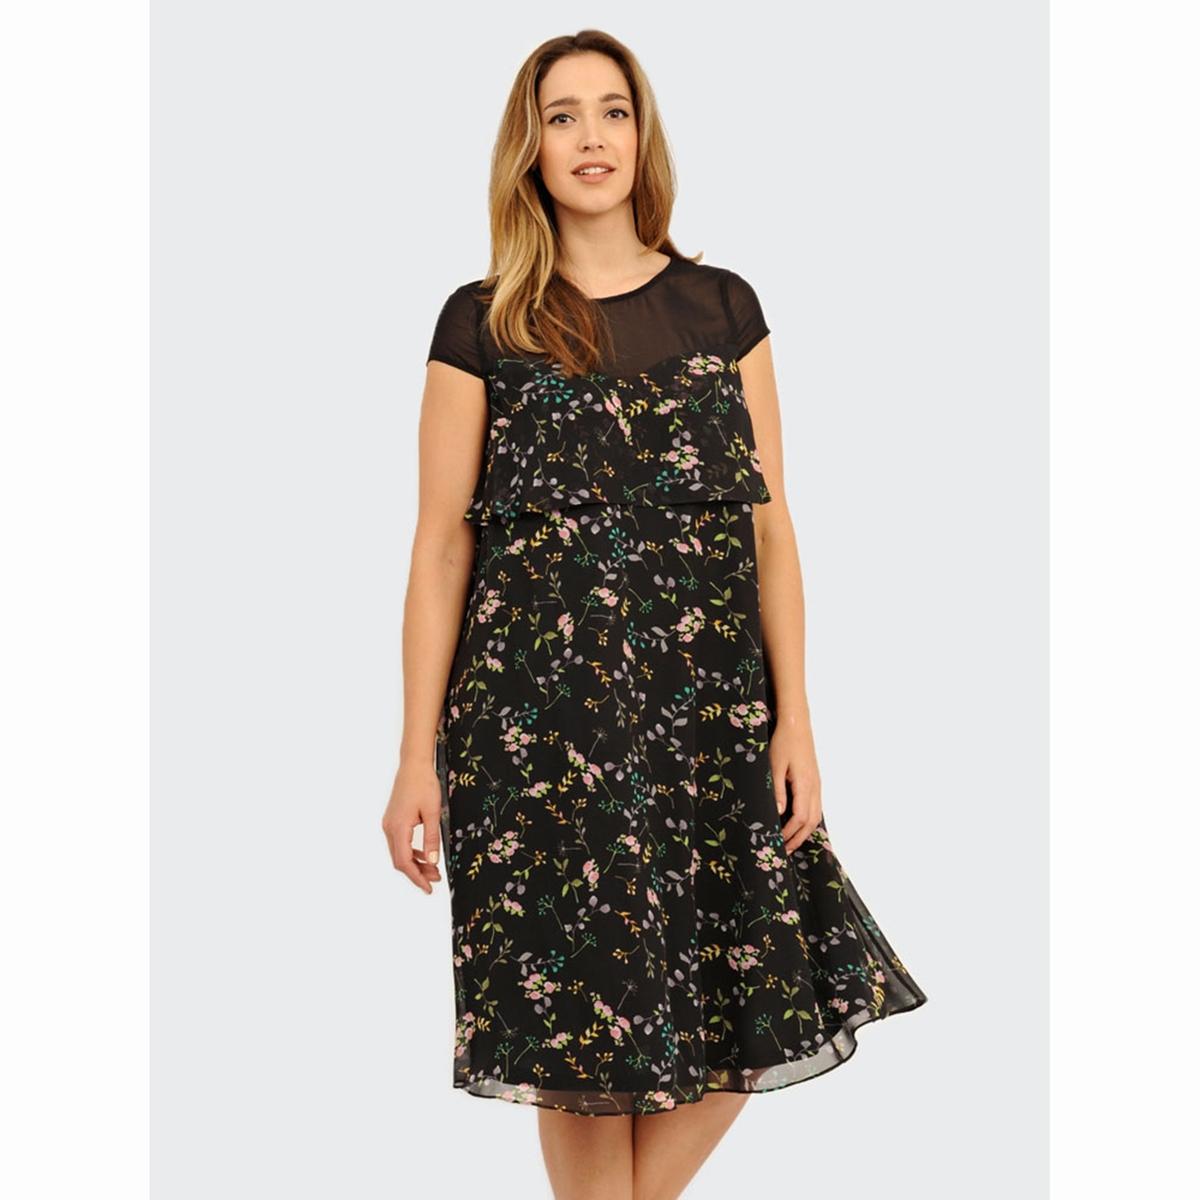 ПлатьеПлатье - KOKO BY KOKO. Длина ок.104 см. 100% полиэстера.<br><br>Цвет: набивной рисунок<br>Размер: 48 (FR) - 54 (RUS)